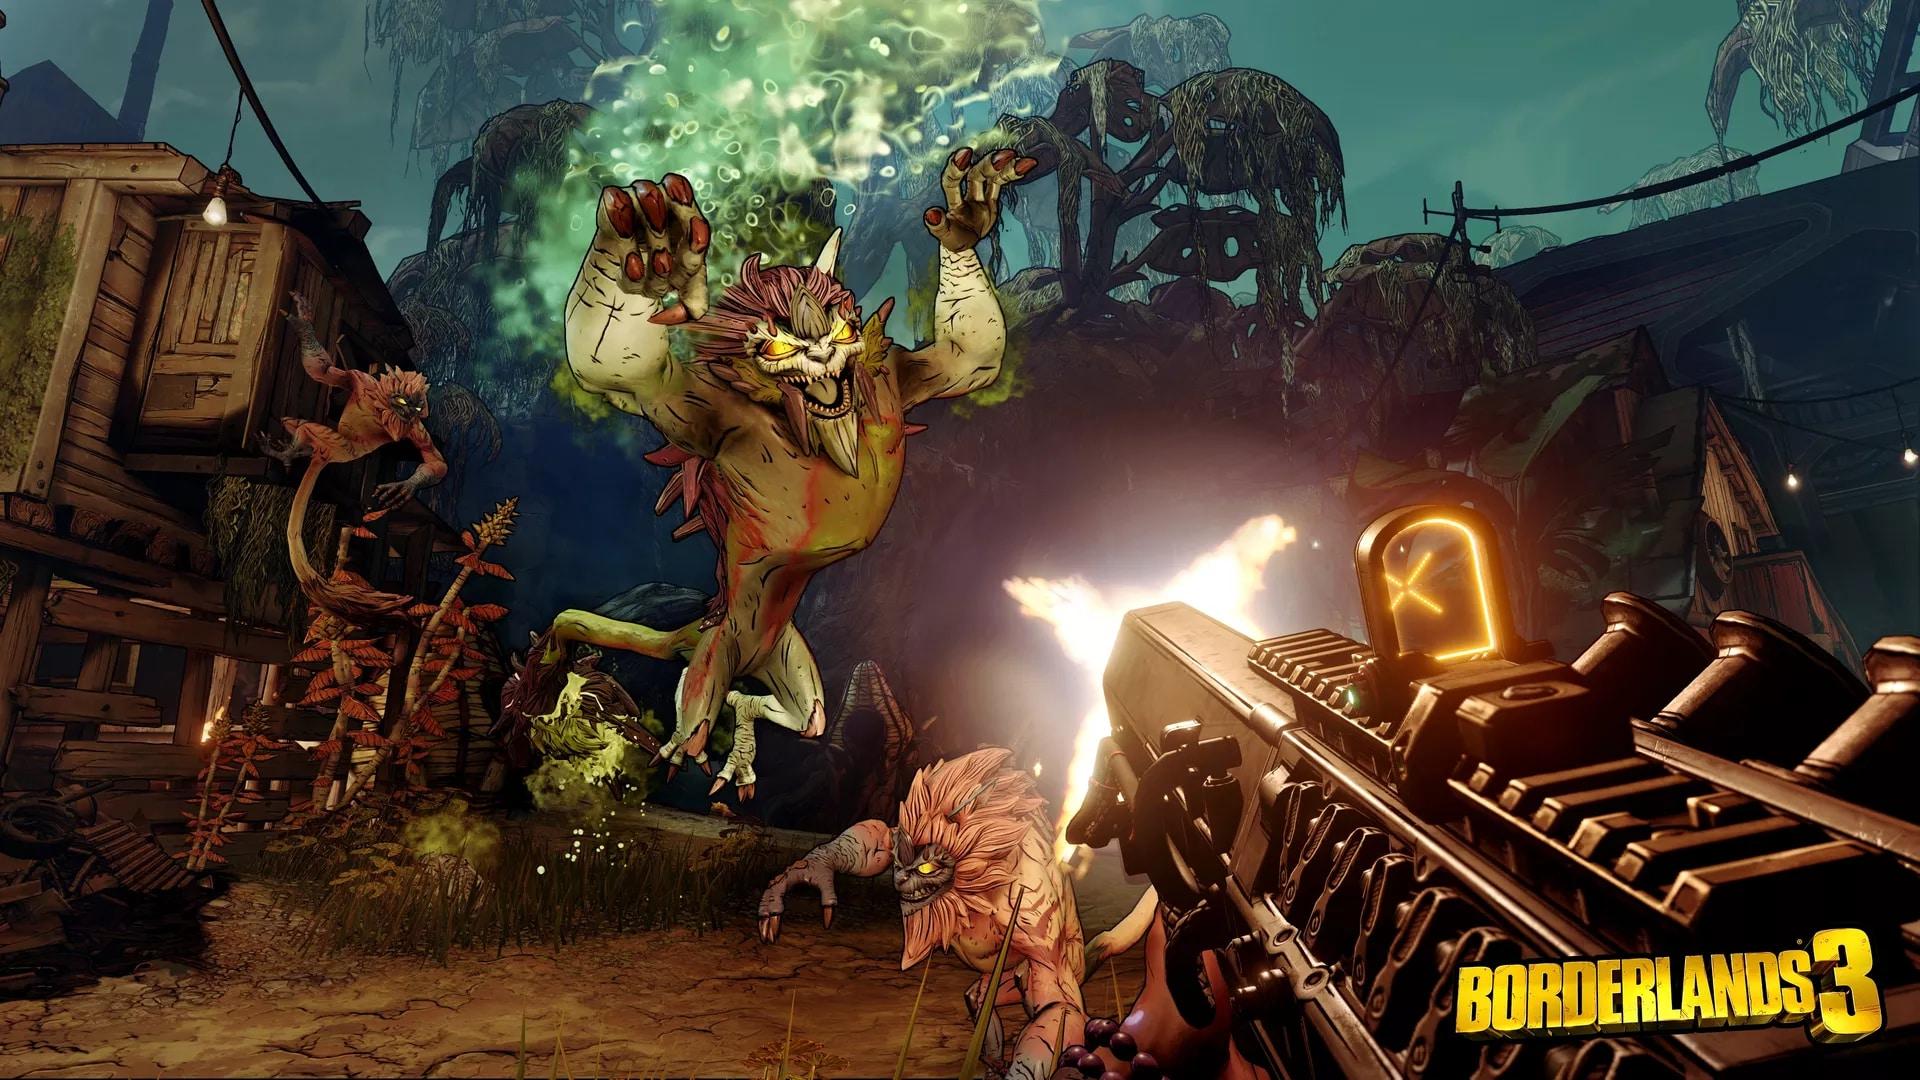 Borderlands 3: decine e decine di minuti di gameplay vi convinceranno a pre-ordinarlo?